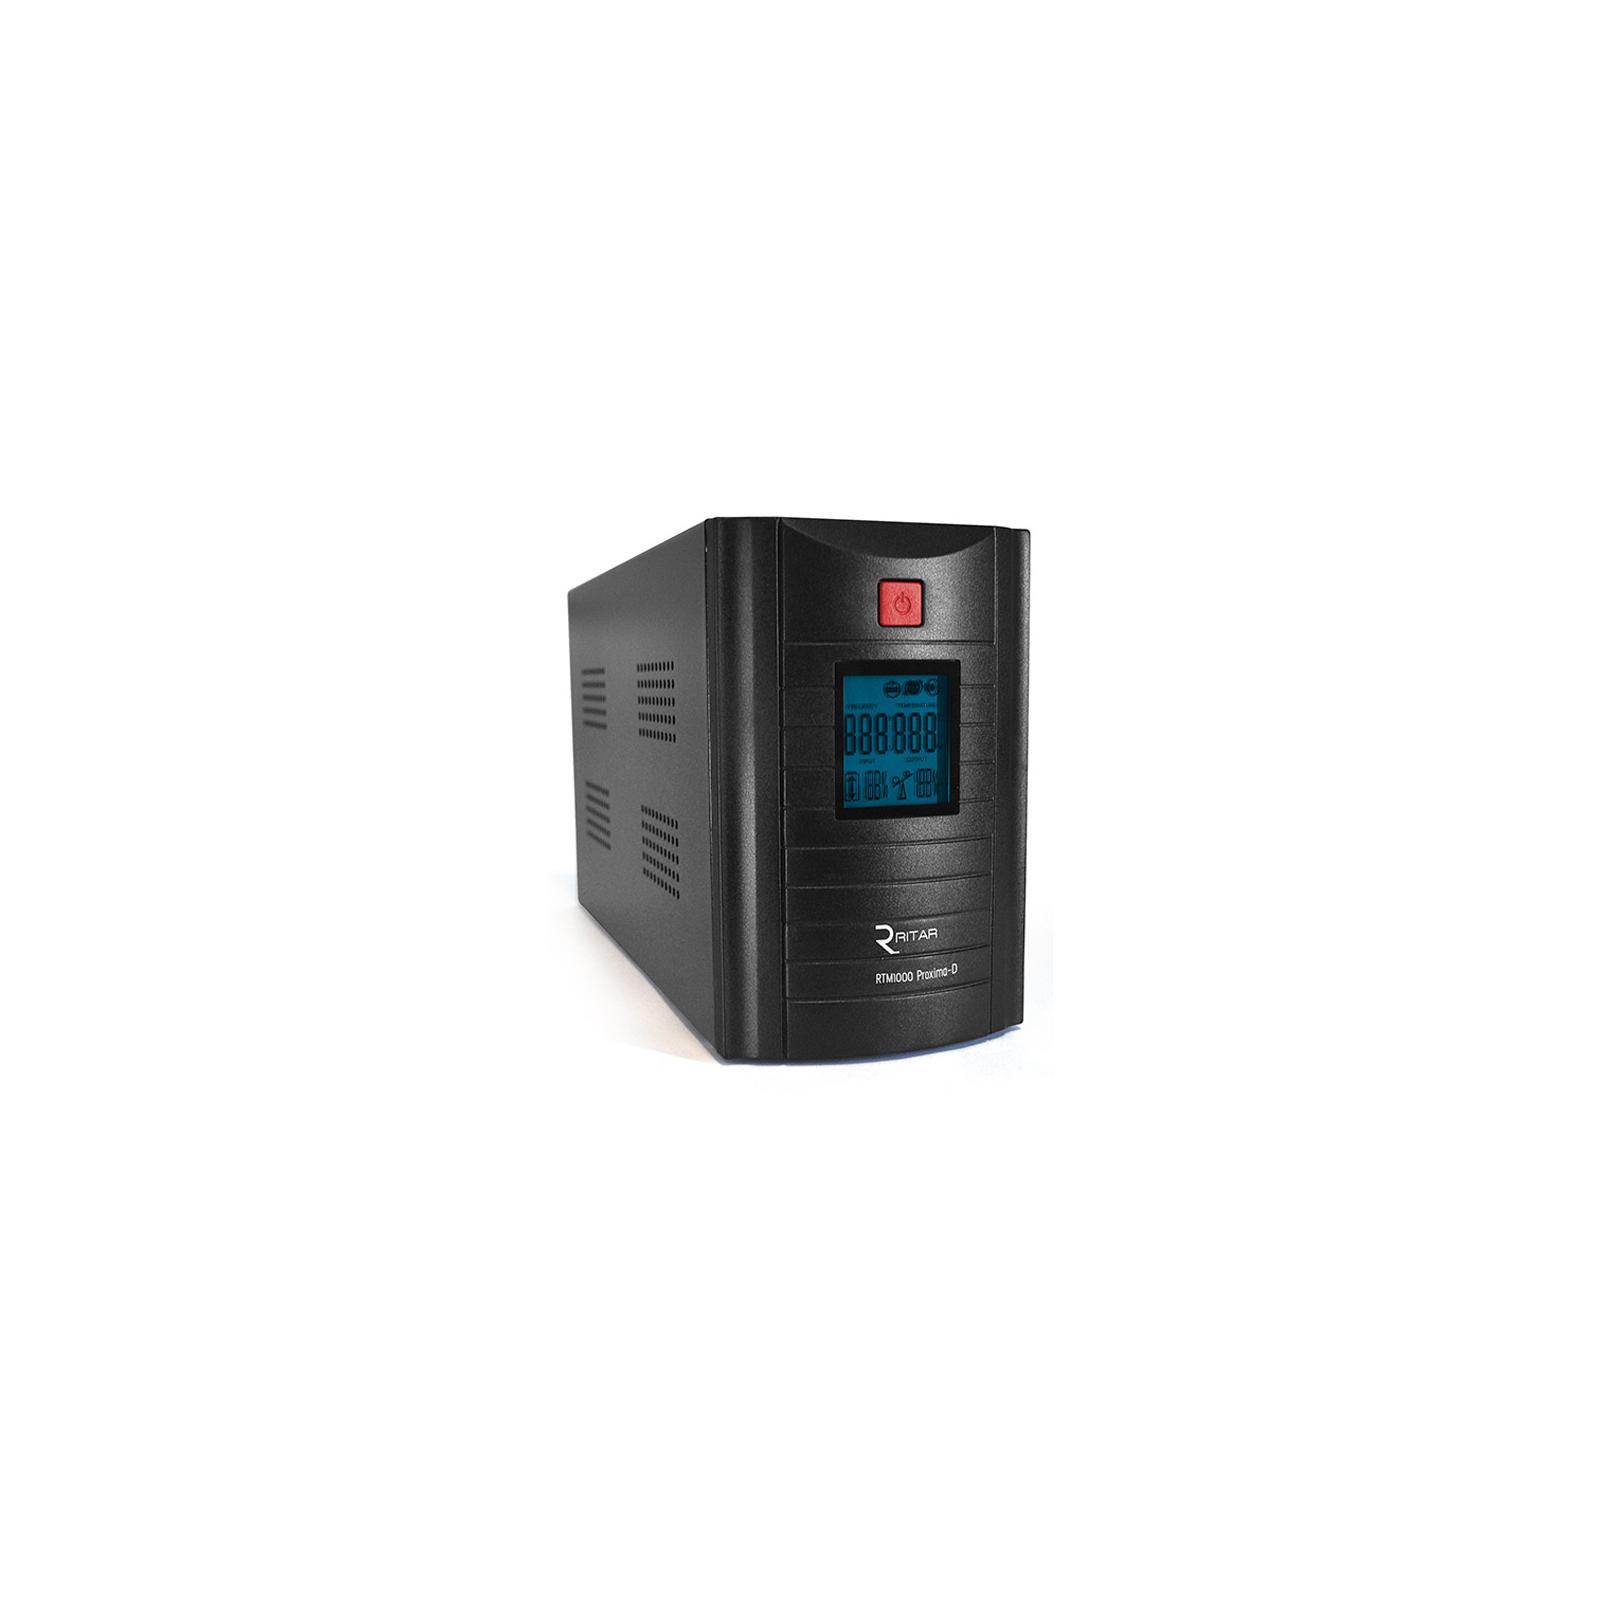 Источник бесперебойного питания Ritar RTM1000 (600W) Proxima-D (RTM1000D)